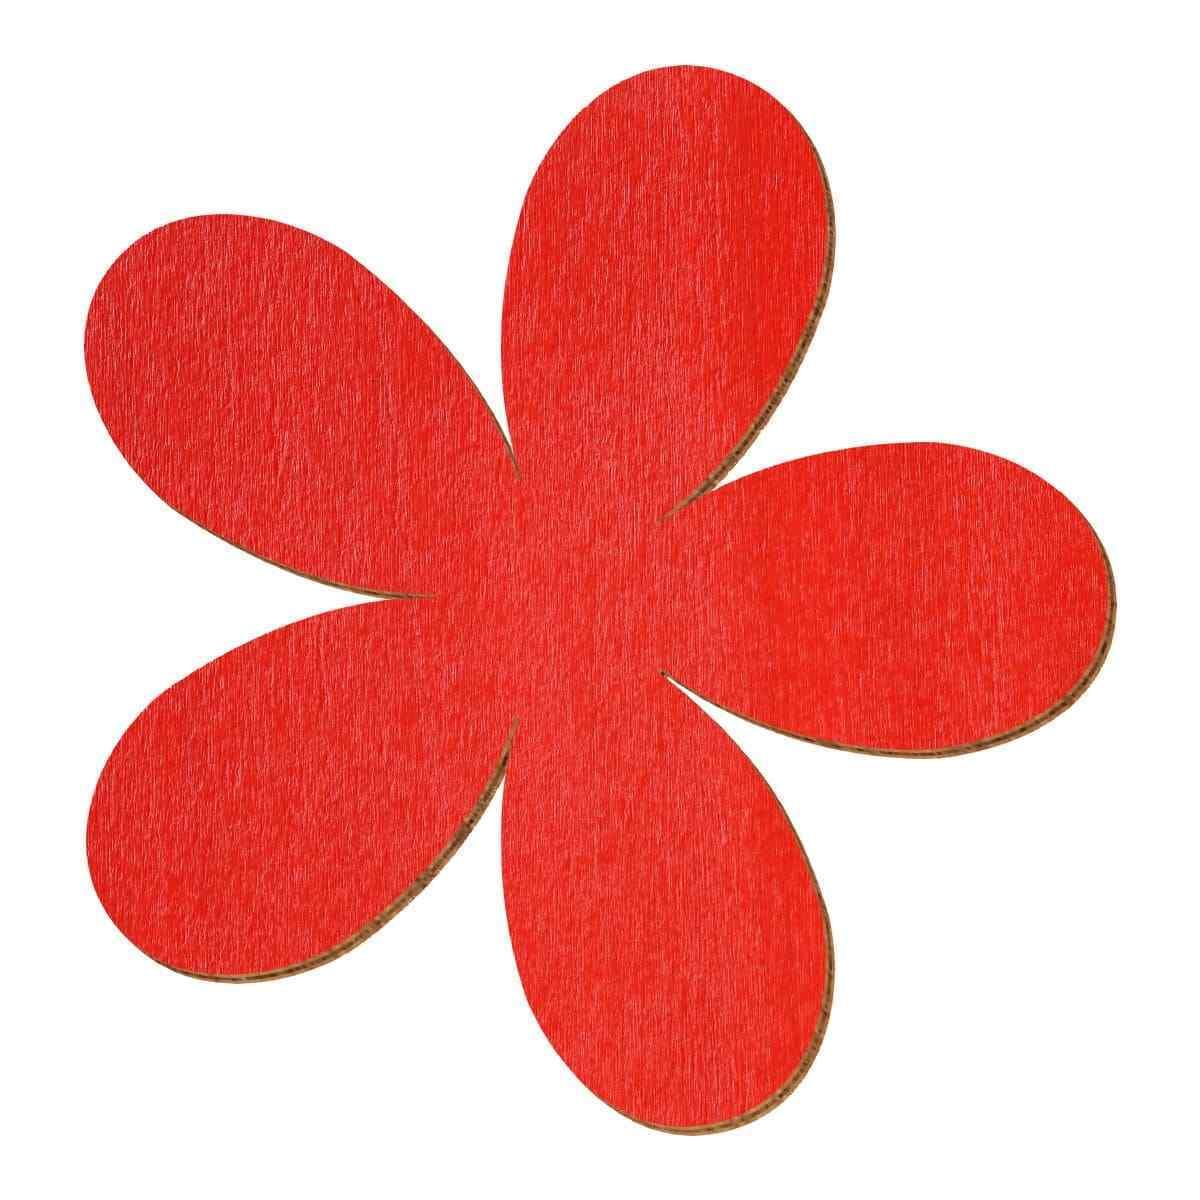 Rote Holz Plumeria - 2-10cm Streudeko Basteln Deko Tischdeko | Die Königin Der Qualität  | Qualität und Quantität garantiert